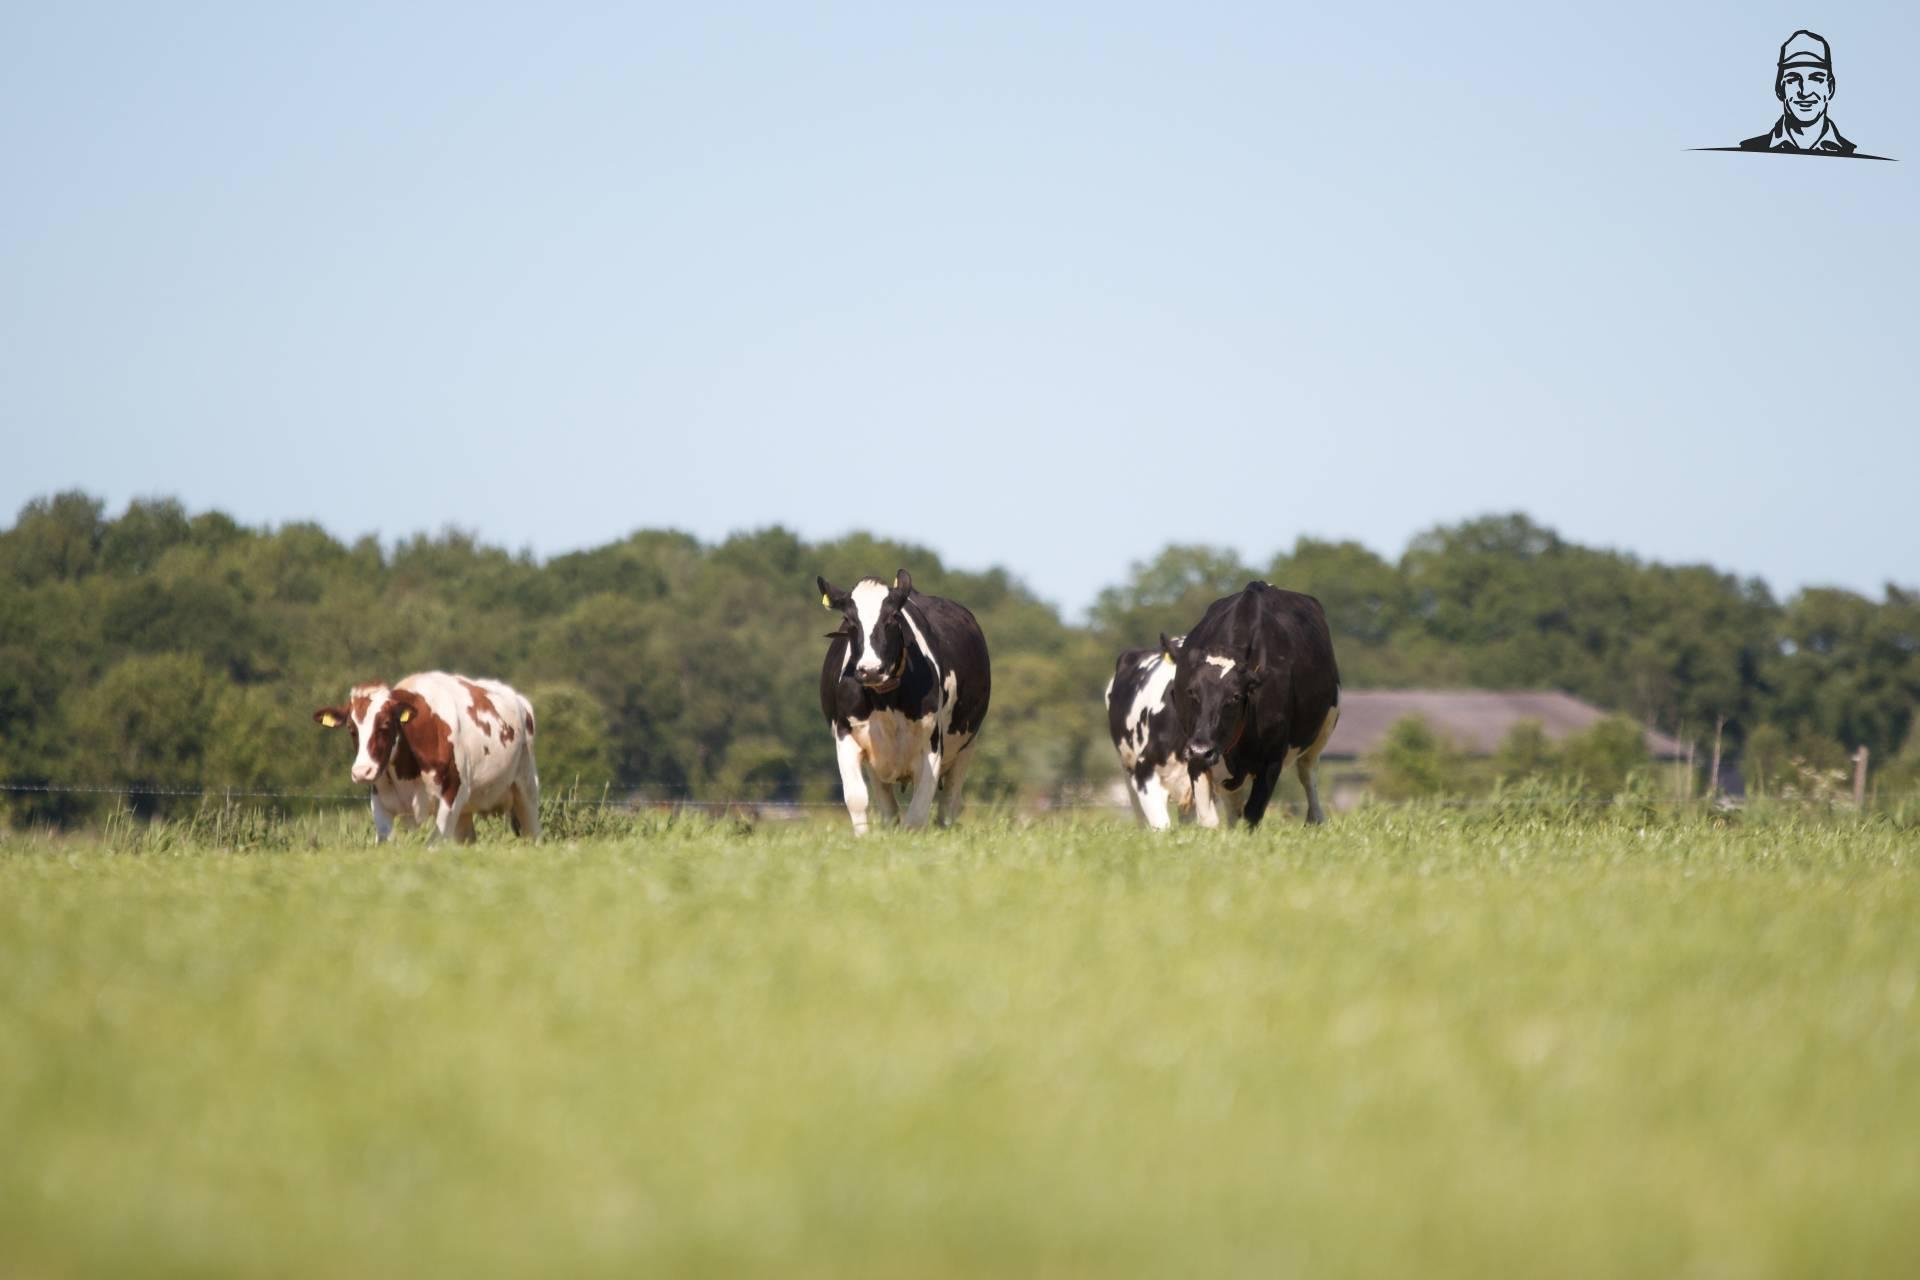 Koeien buiten (2014) van Tinus